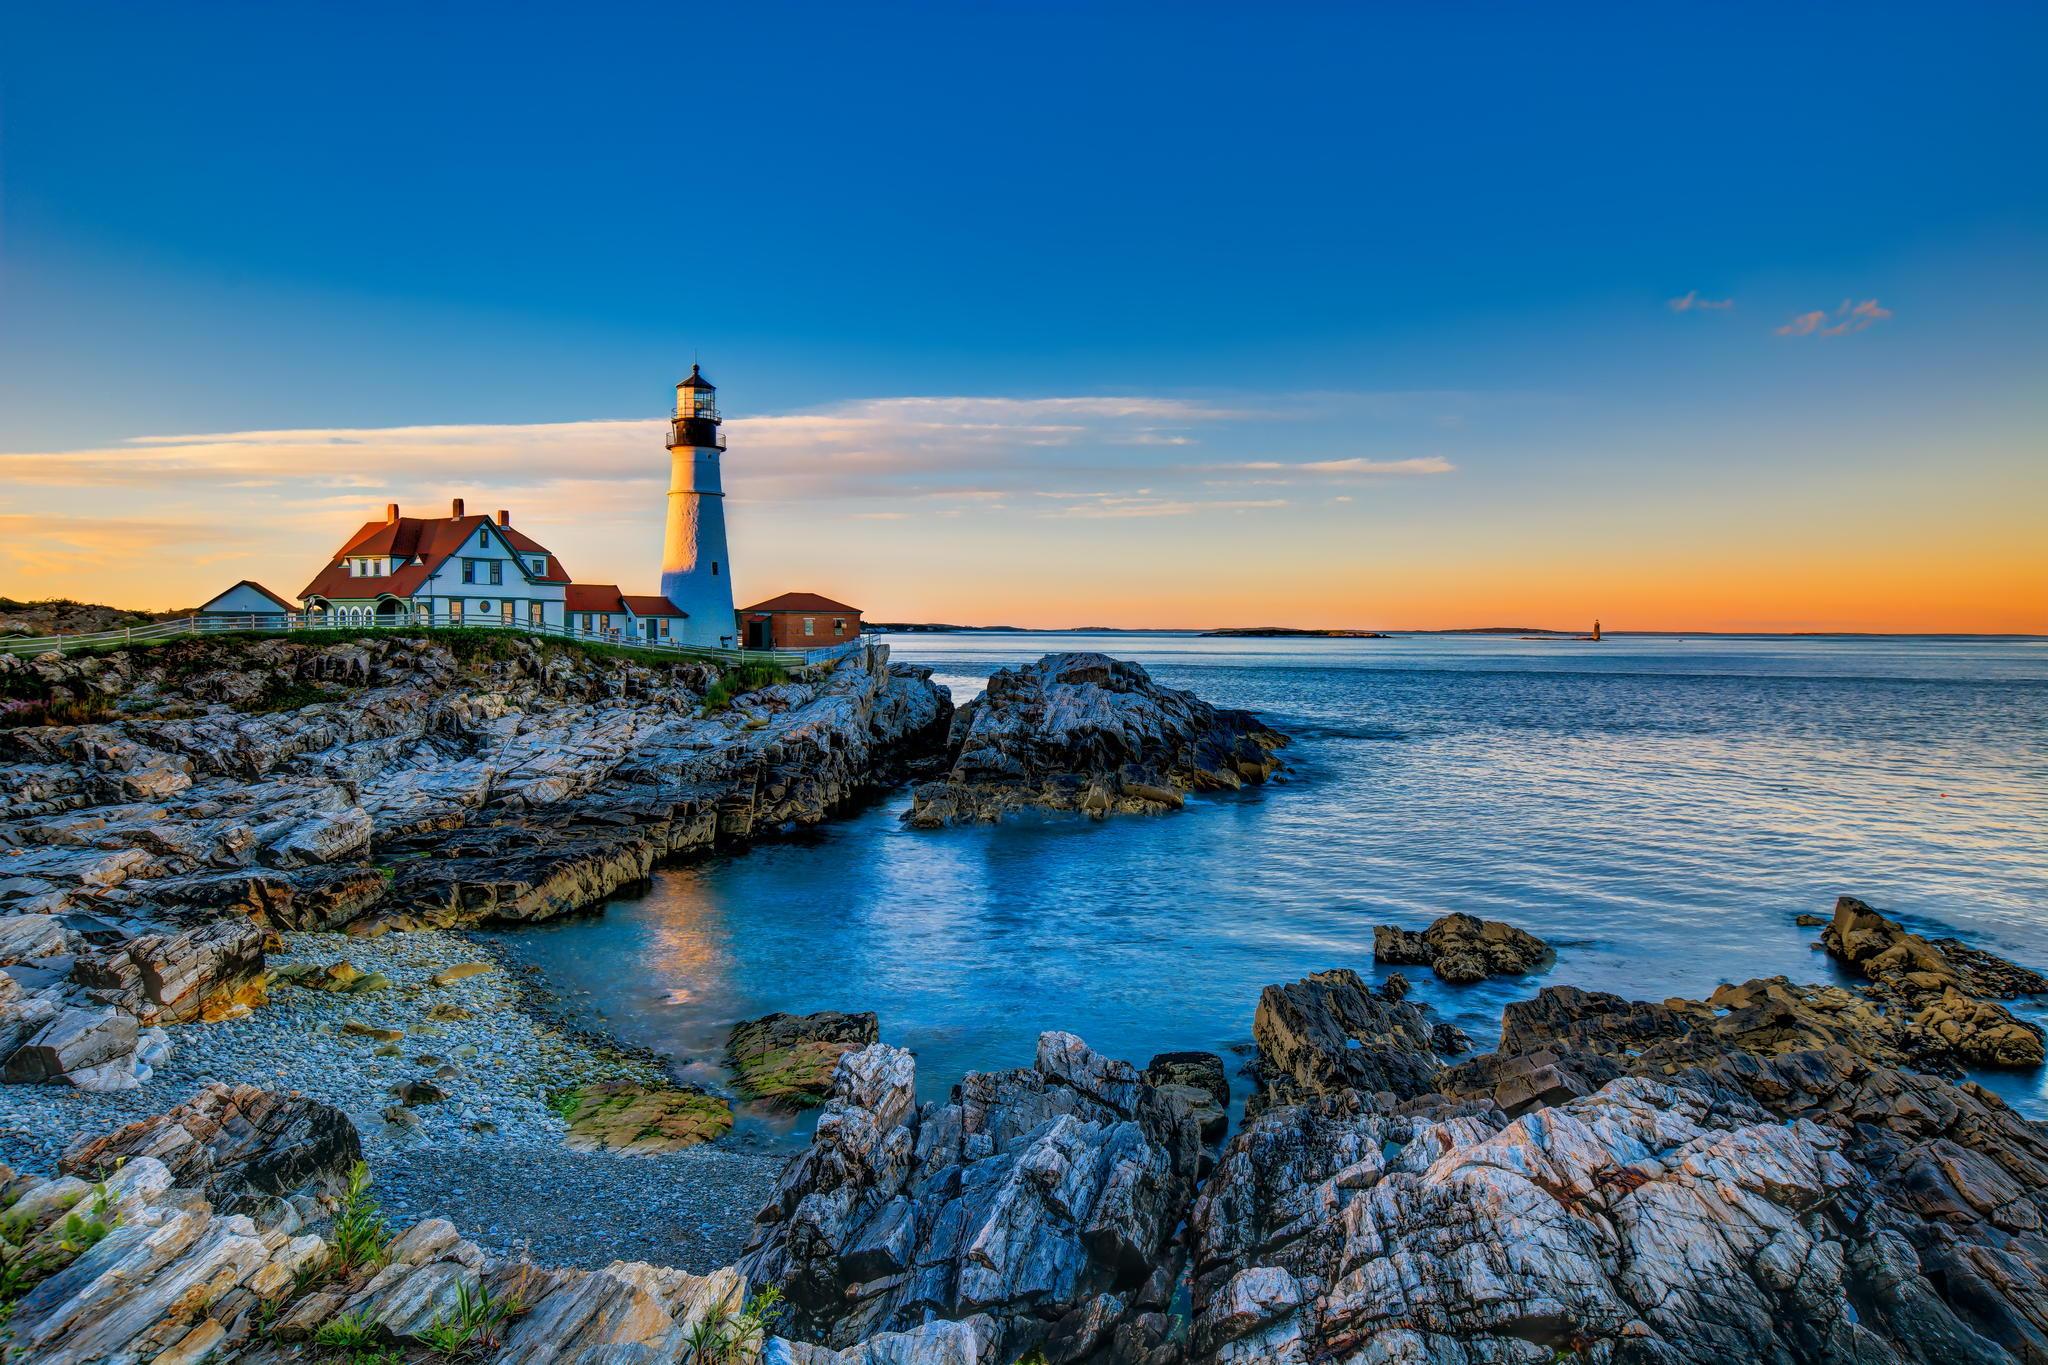 маяк море берег lighthouse sea shore  № 2220722 загрузить